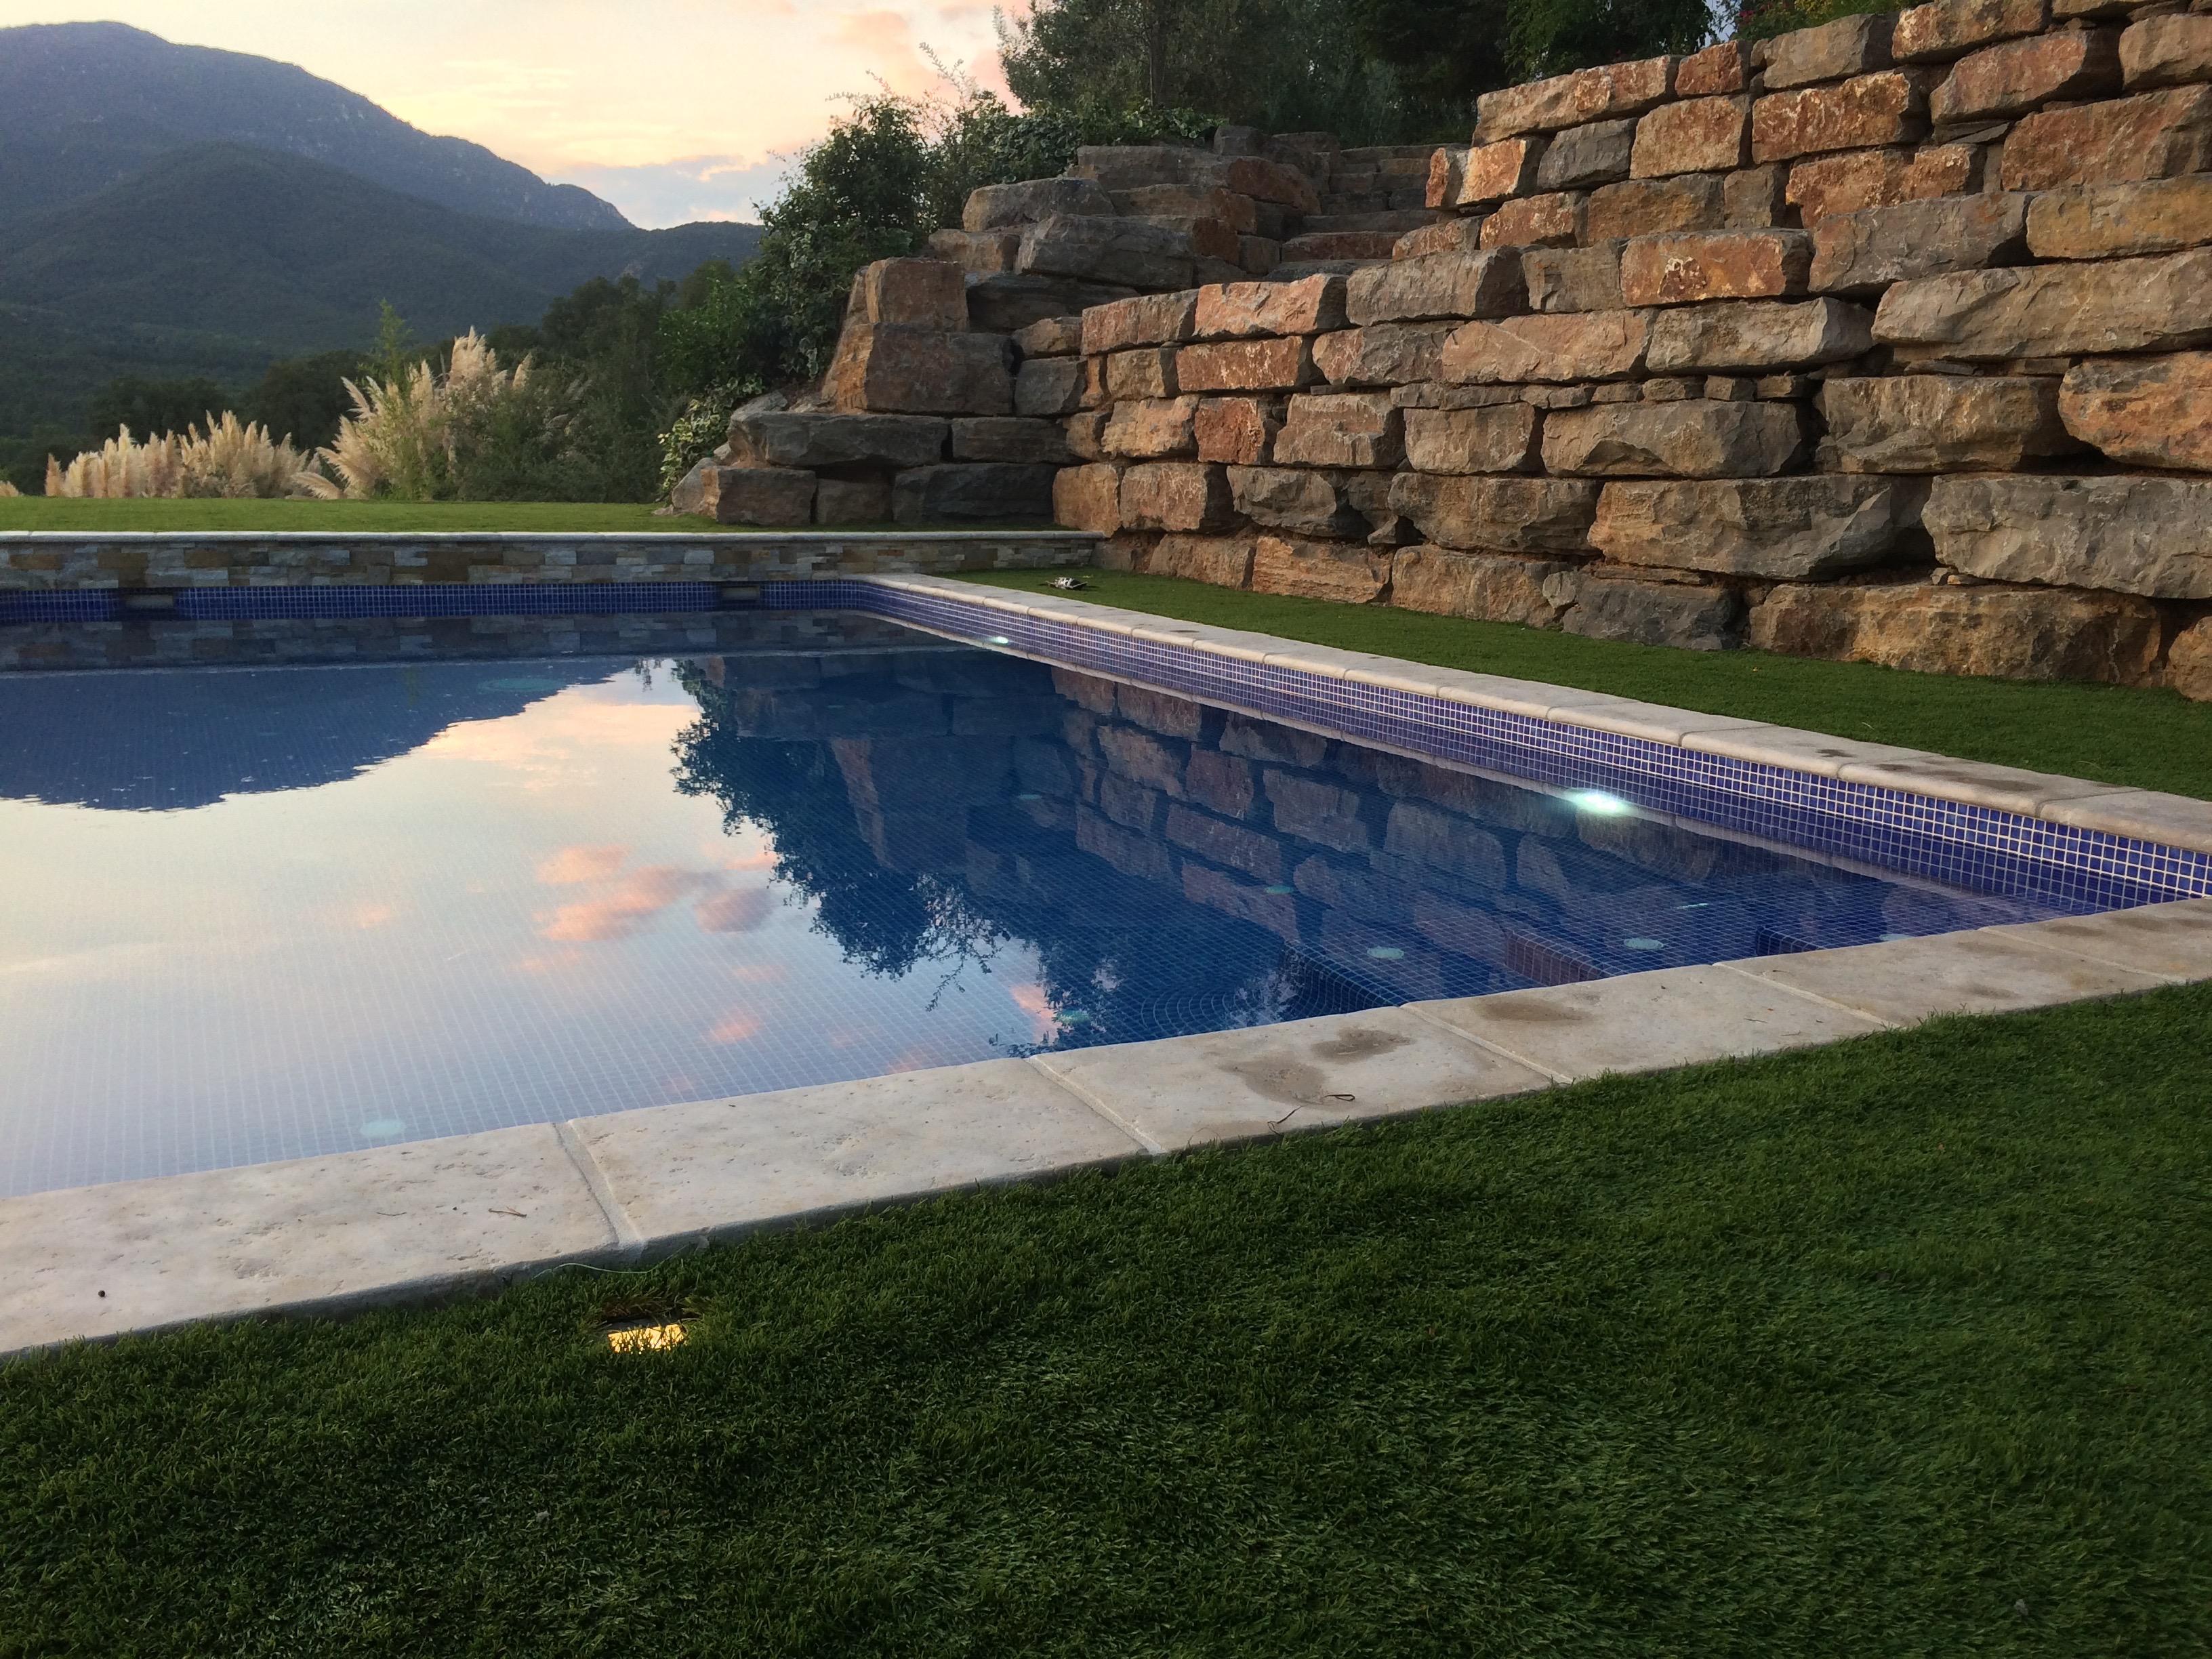 Construcci n de piscinas piscinas aop for Construccion de piscinas